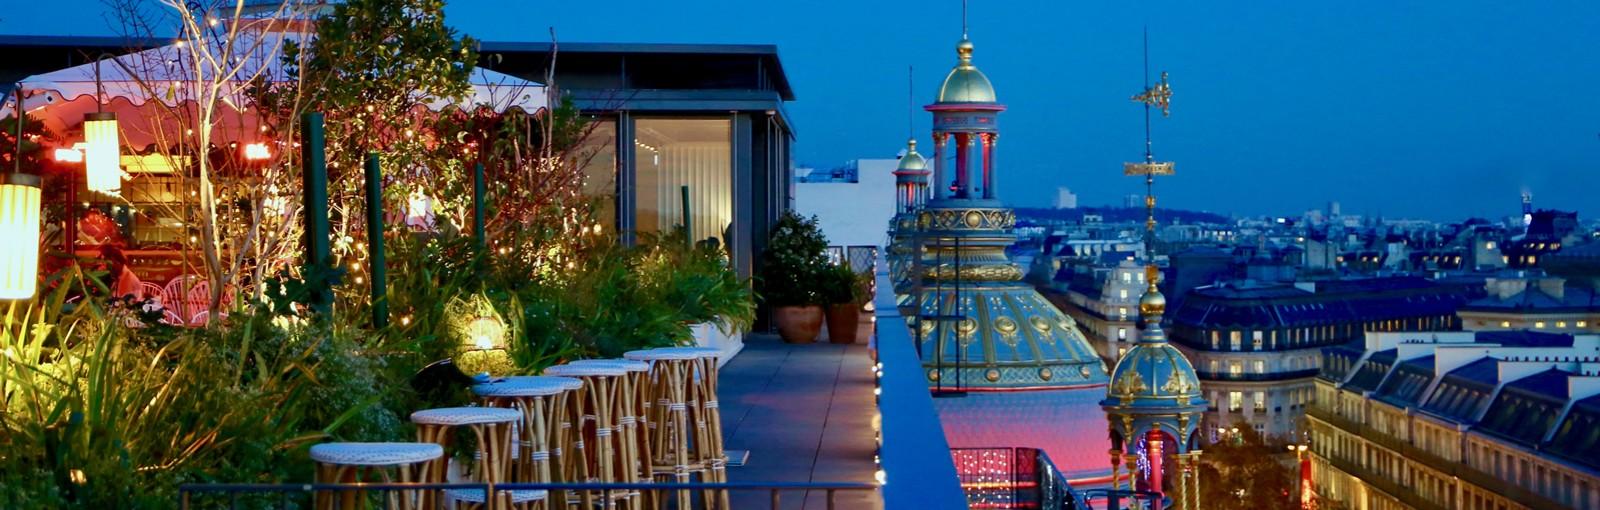 Paris l'heure bleue depuis la terrasse d'un grand magasin